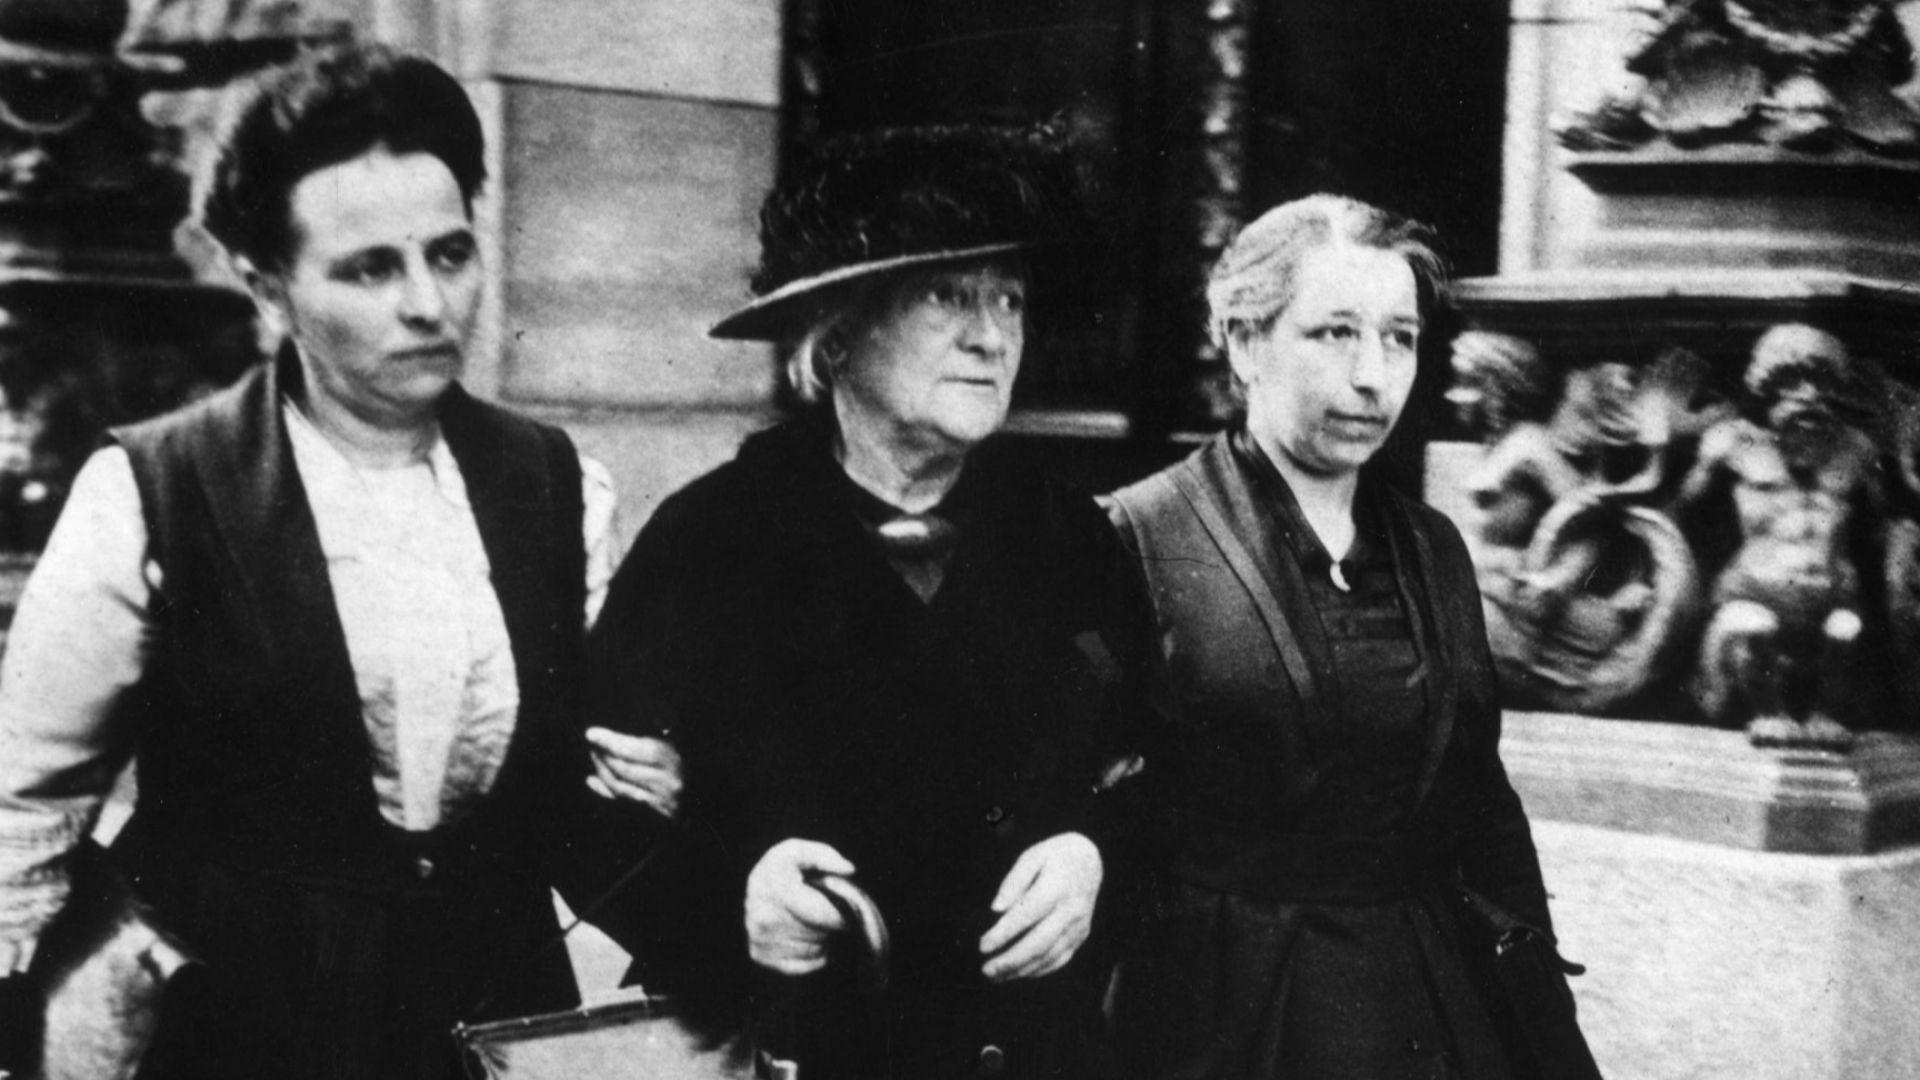 Историята на 8 март: Споровете за избора на тази дата продължават и днес